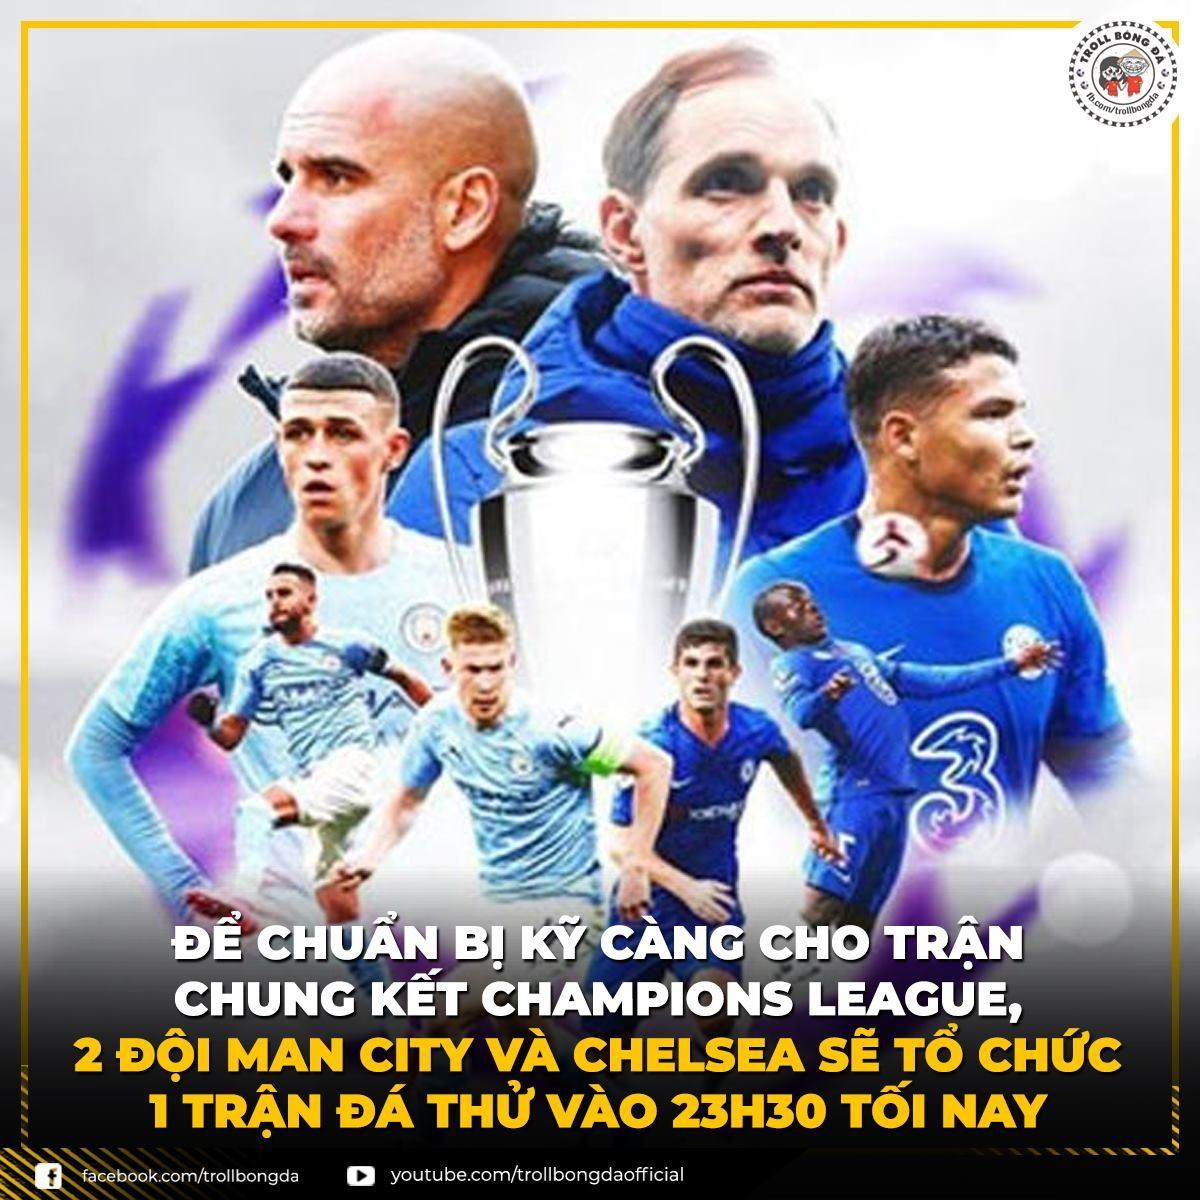 """Man City và Chelsea """"tập dượt"""" trước chung kết Champions League. (Ảnh: Troll Bóng Đá)"""